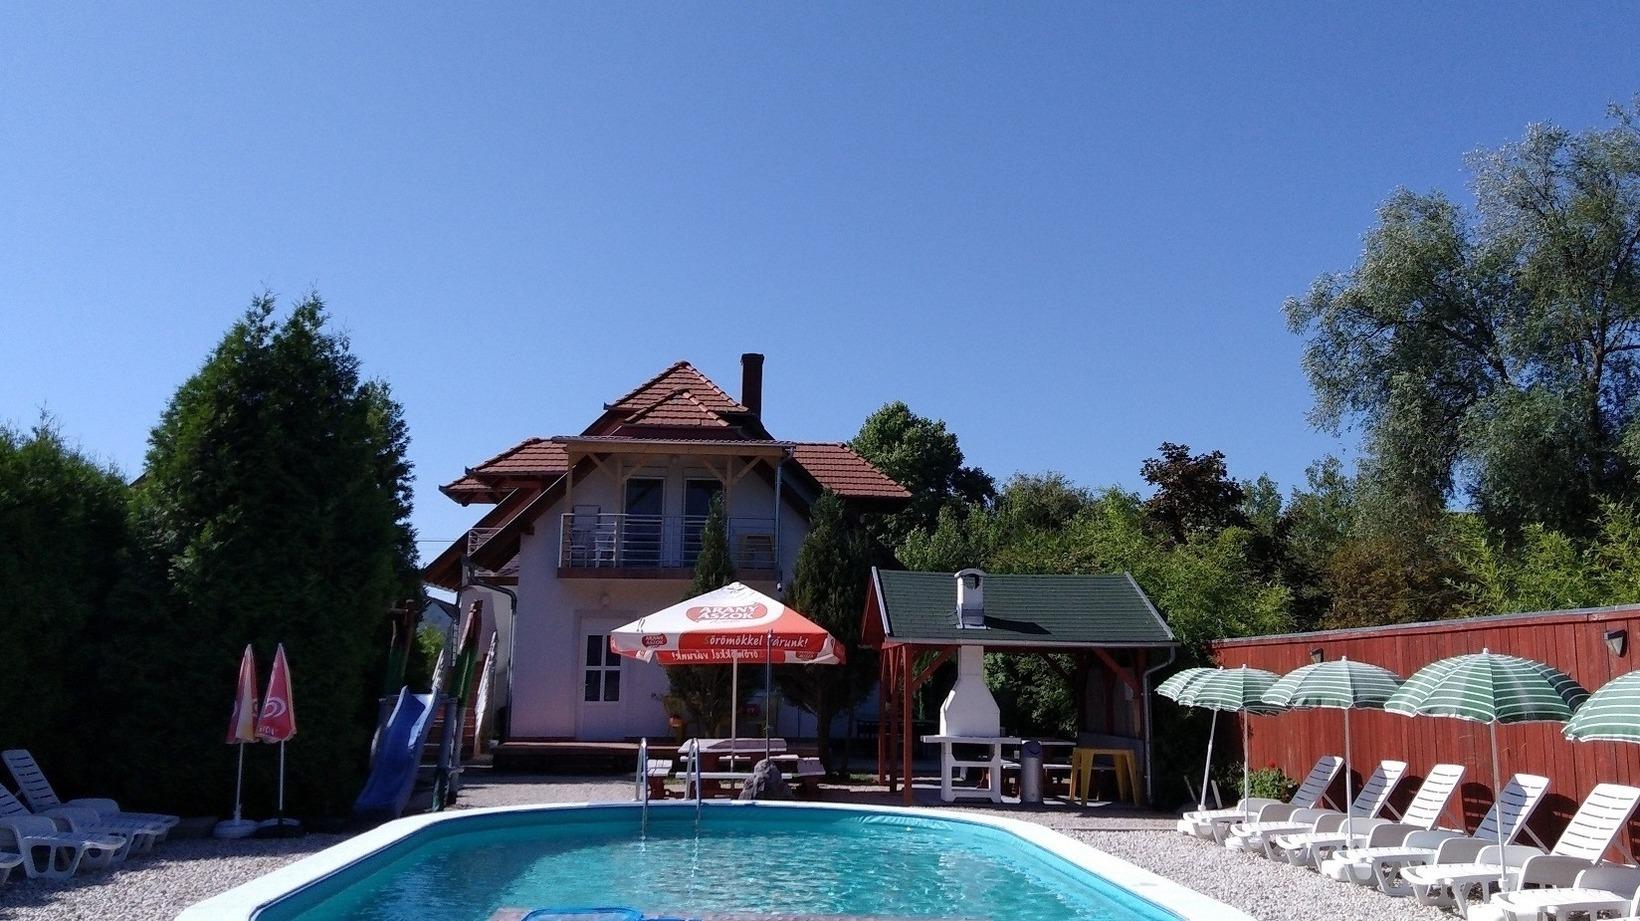 Ferienhaus direkt am See mit Pool, WLAN, Spielplat